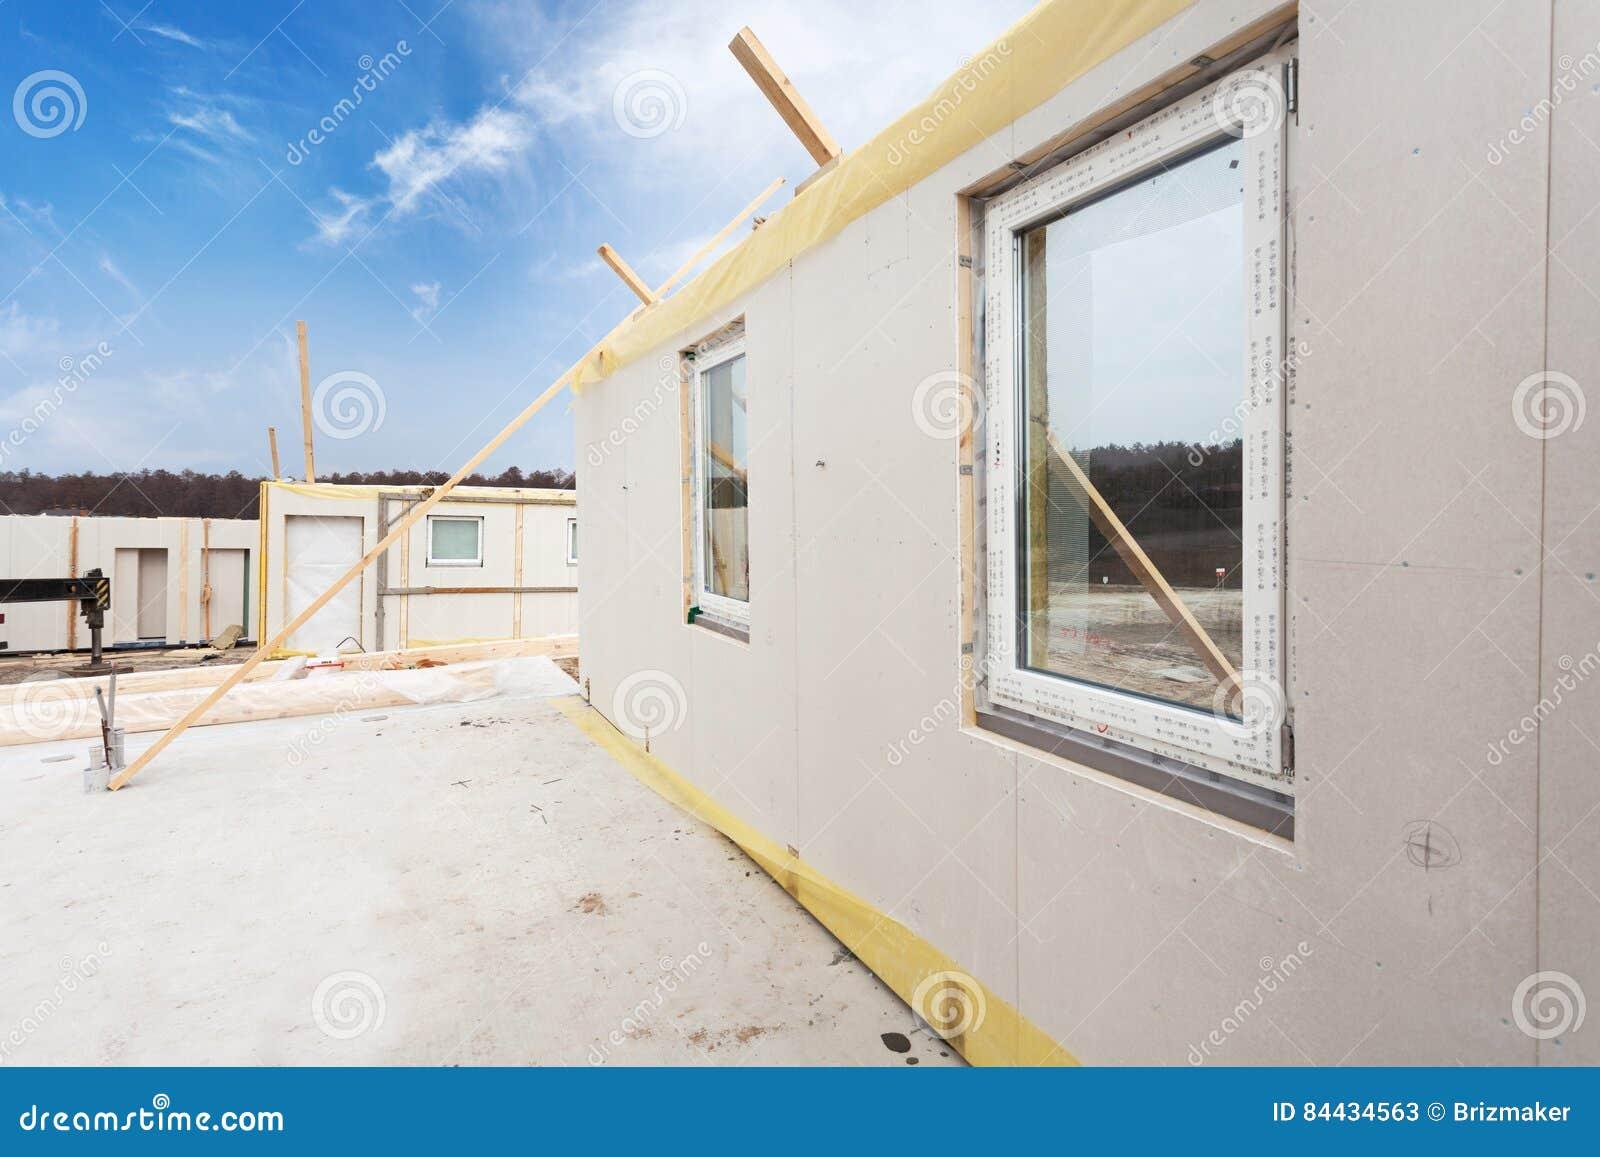 Roofererbauerarbeitskräfte mit dem Kran, der strukturelle Isolierplatten installiert, NIPPEN Errichtendes Energiesparendes Haus d